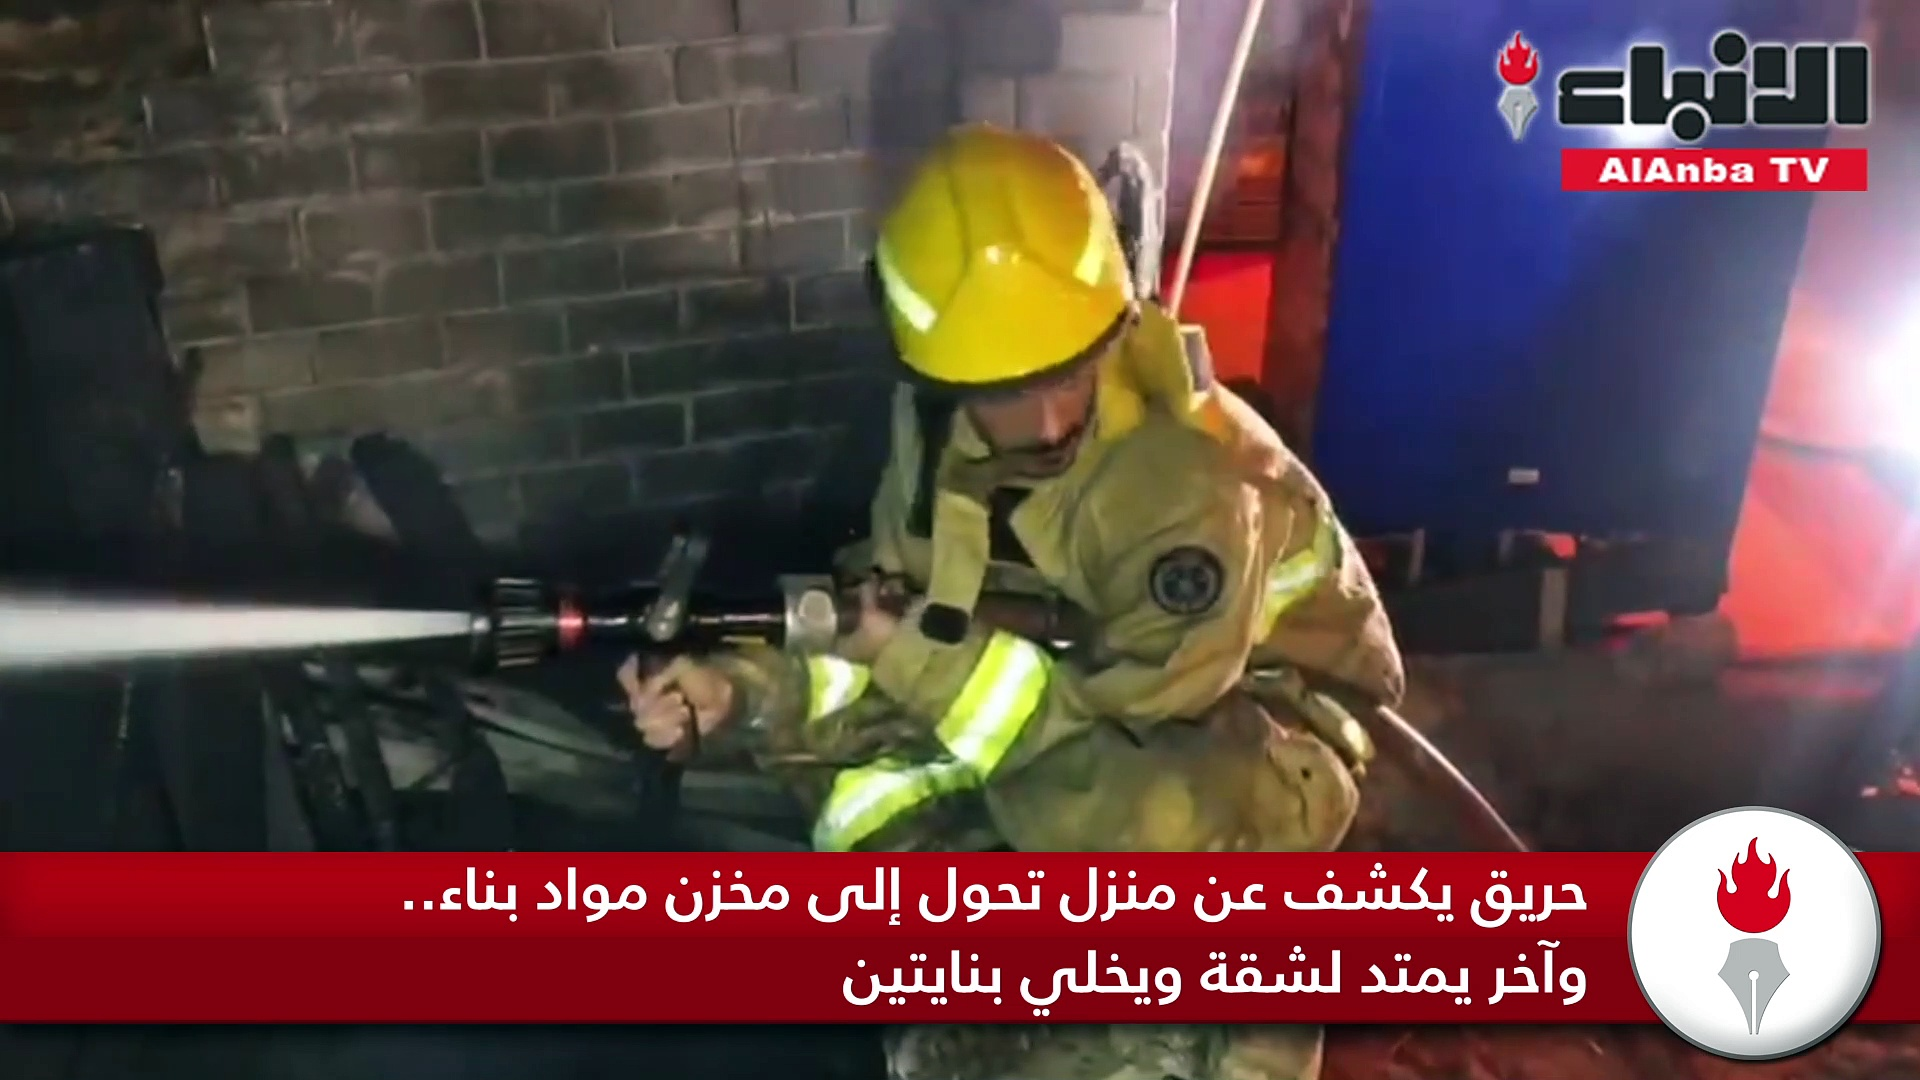 حريق يكشف عن منزل تحول إلى مخزن مواد بناء.. وآخر يمتد لشقة ويخلي بنايتين